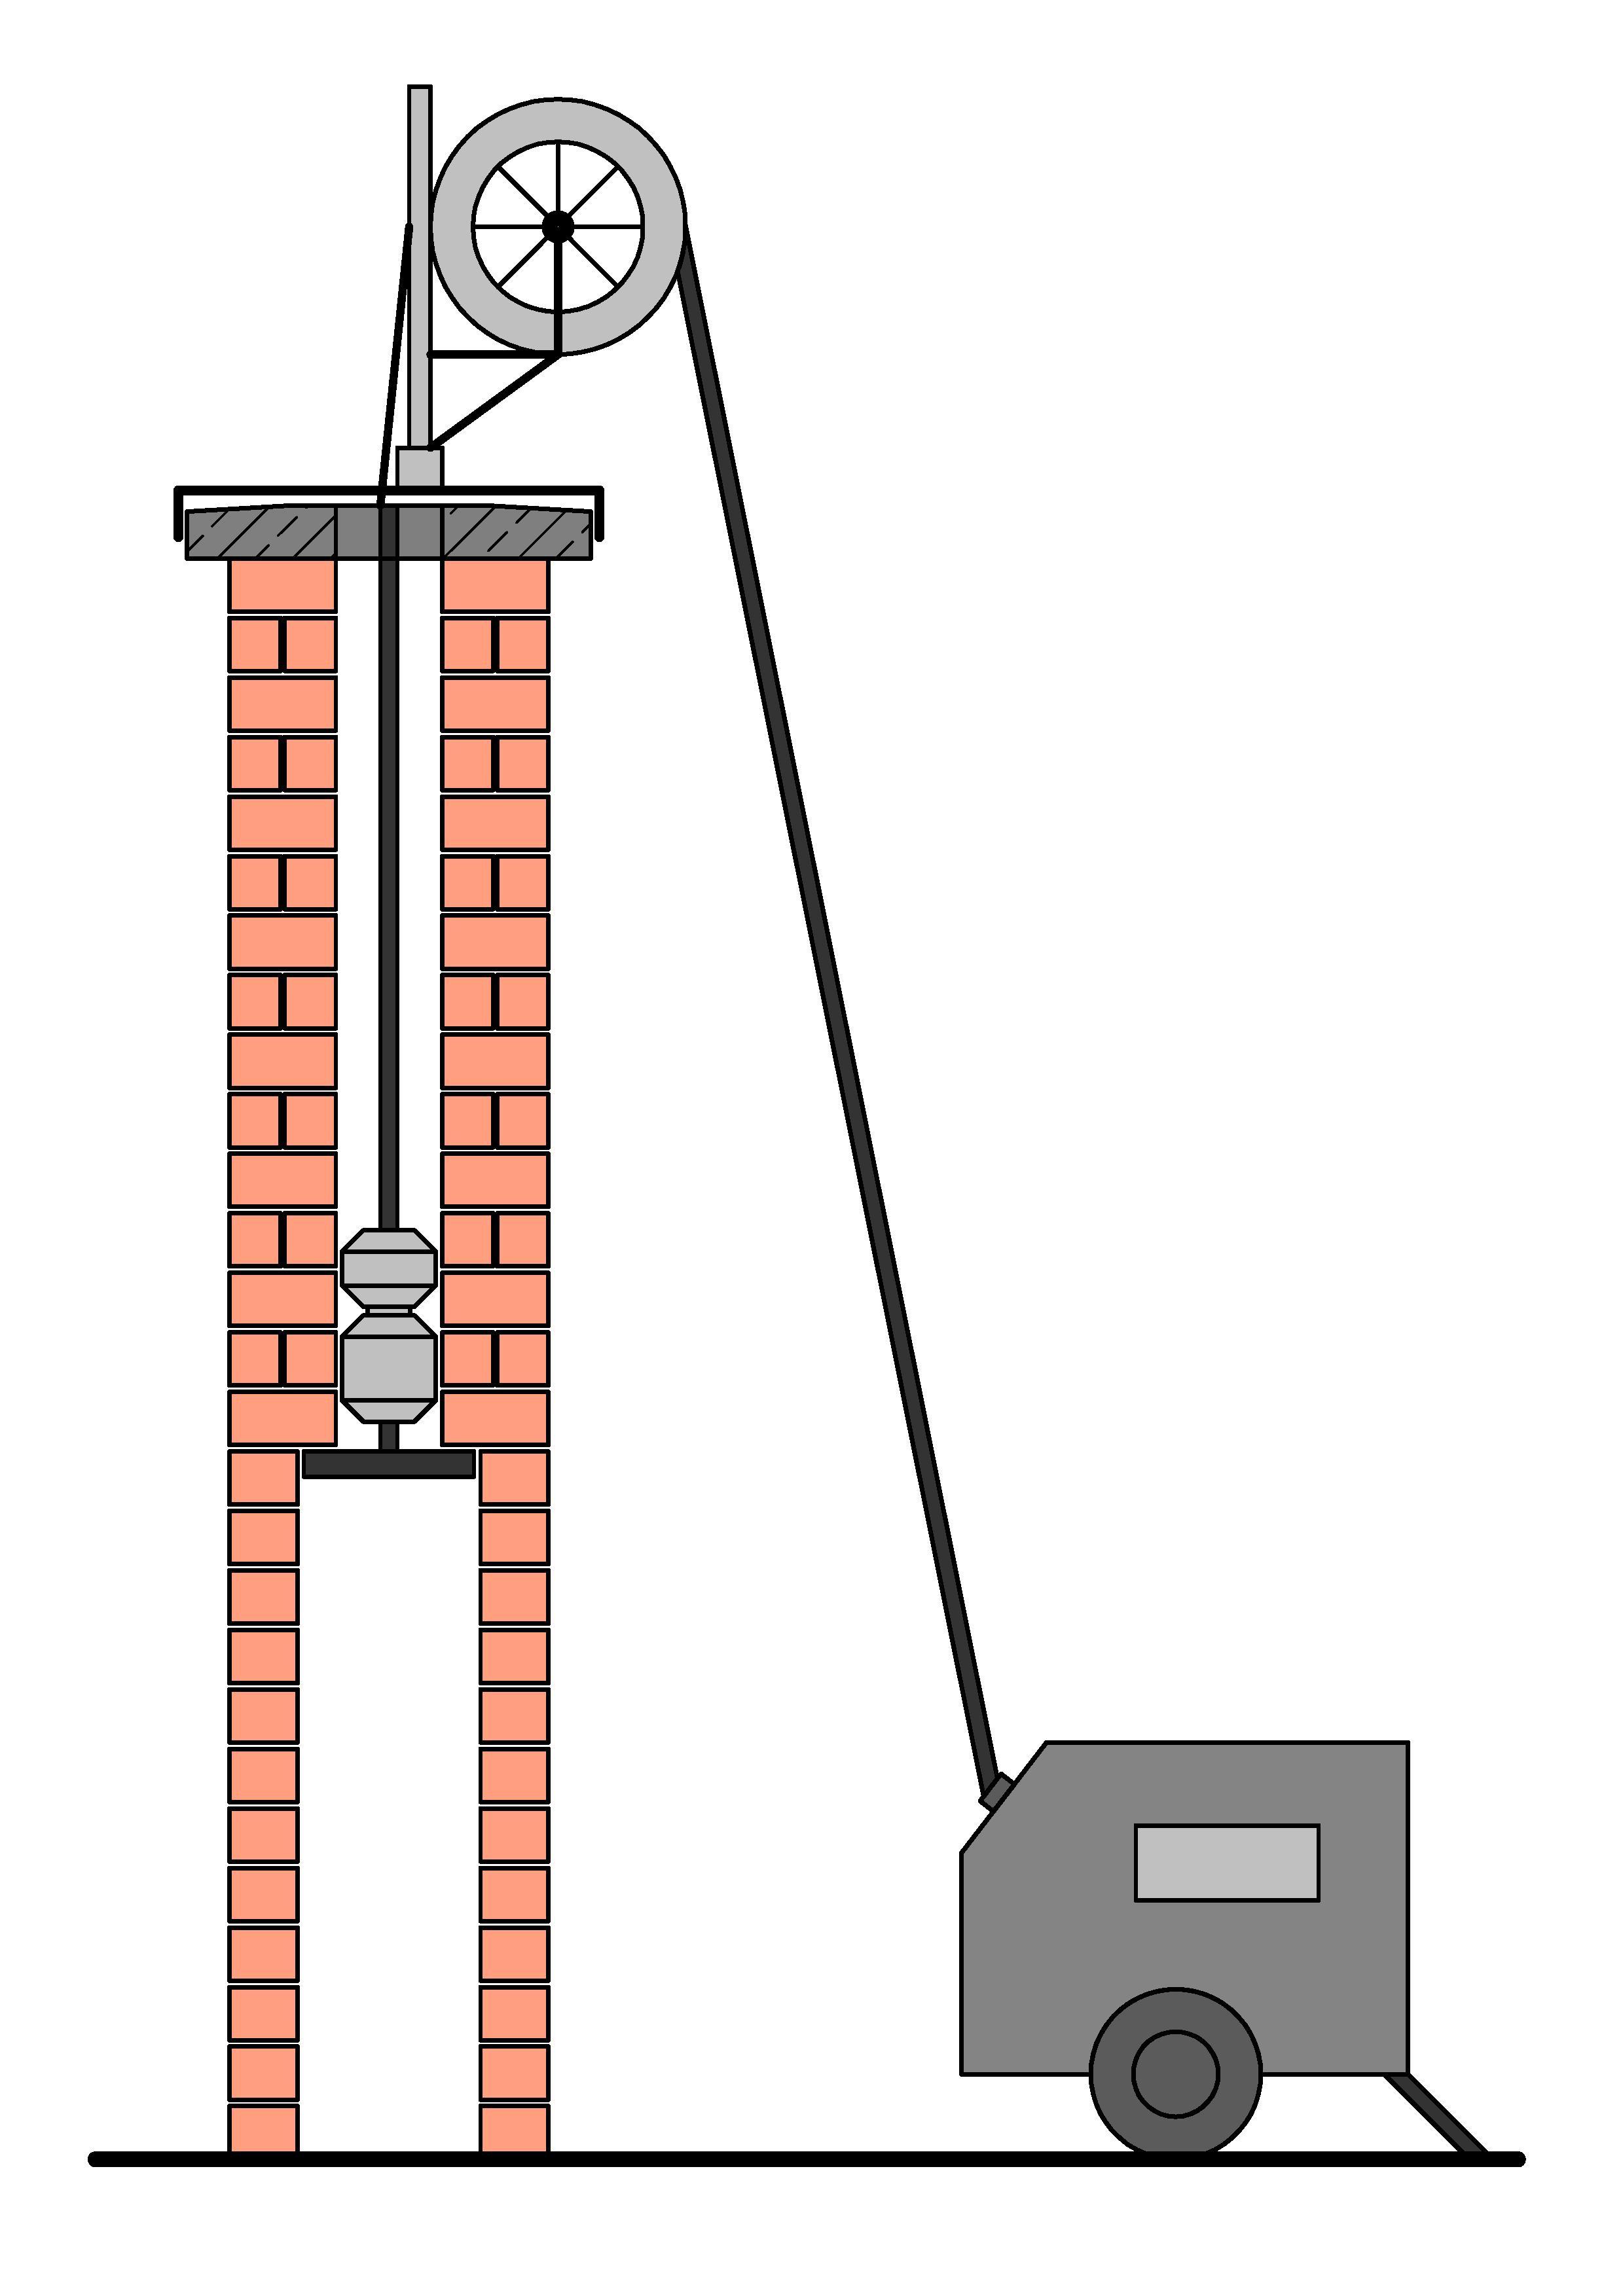 Ausfräsen vom Schornstein auf 200mm inkl. Sanierung mit Edelstahlrohren DN200mm, Stahl 1.4404, Stärke 0,6mm (Querschnitterweiterung, Schornsteinsanierung, Sanierung vom Schornstein)